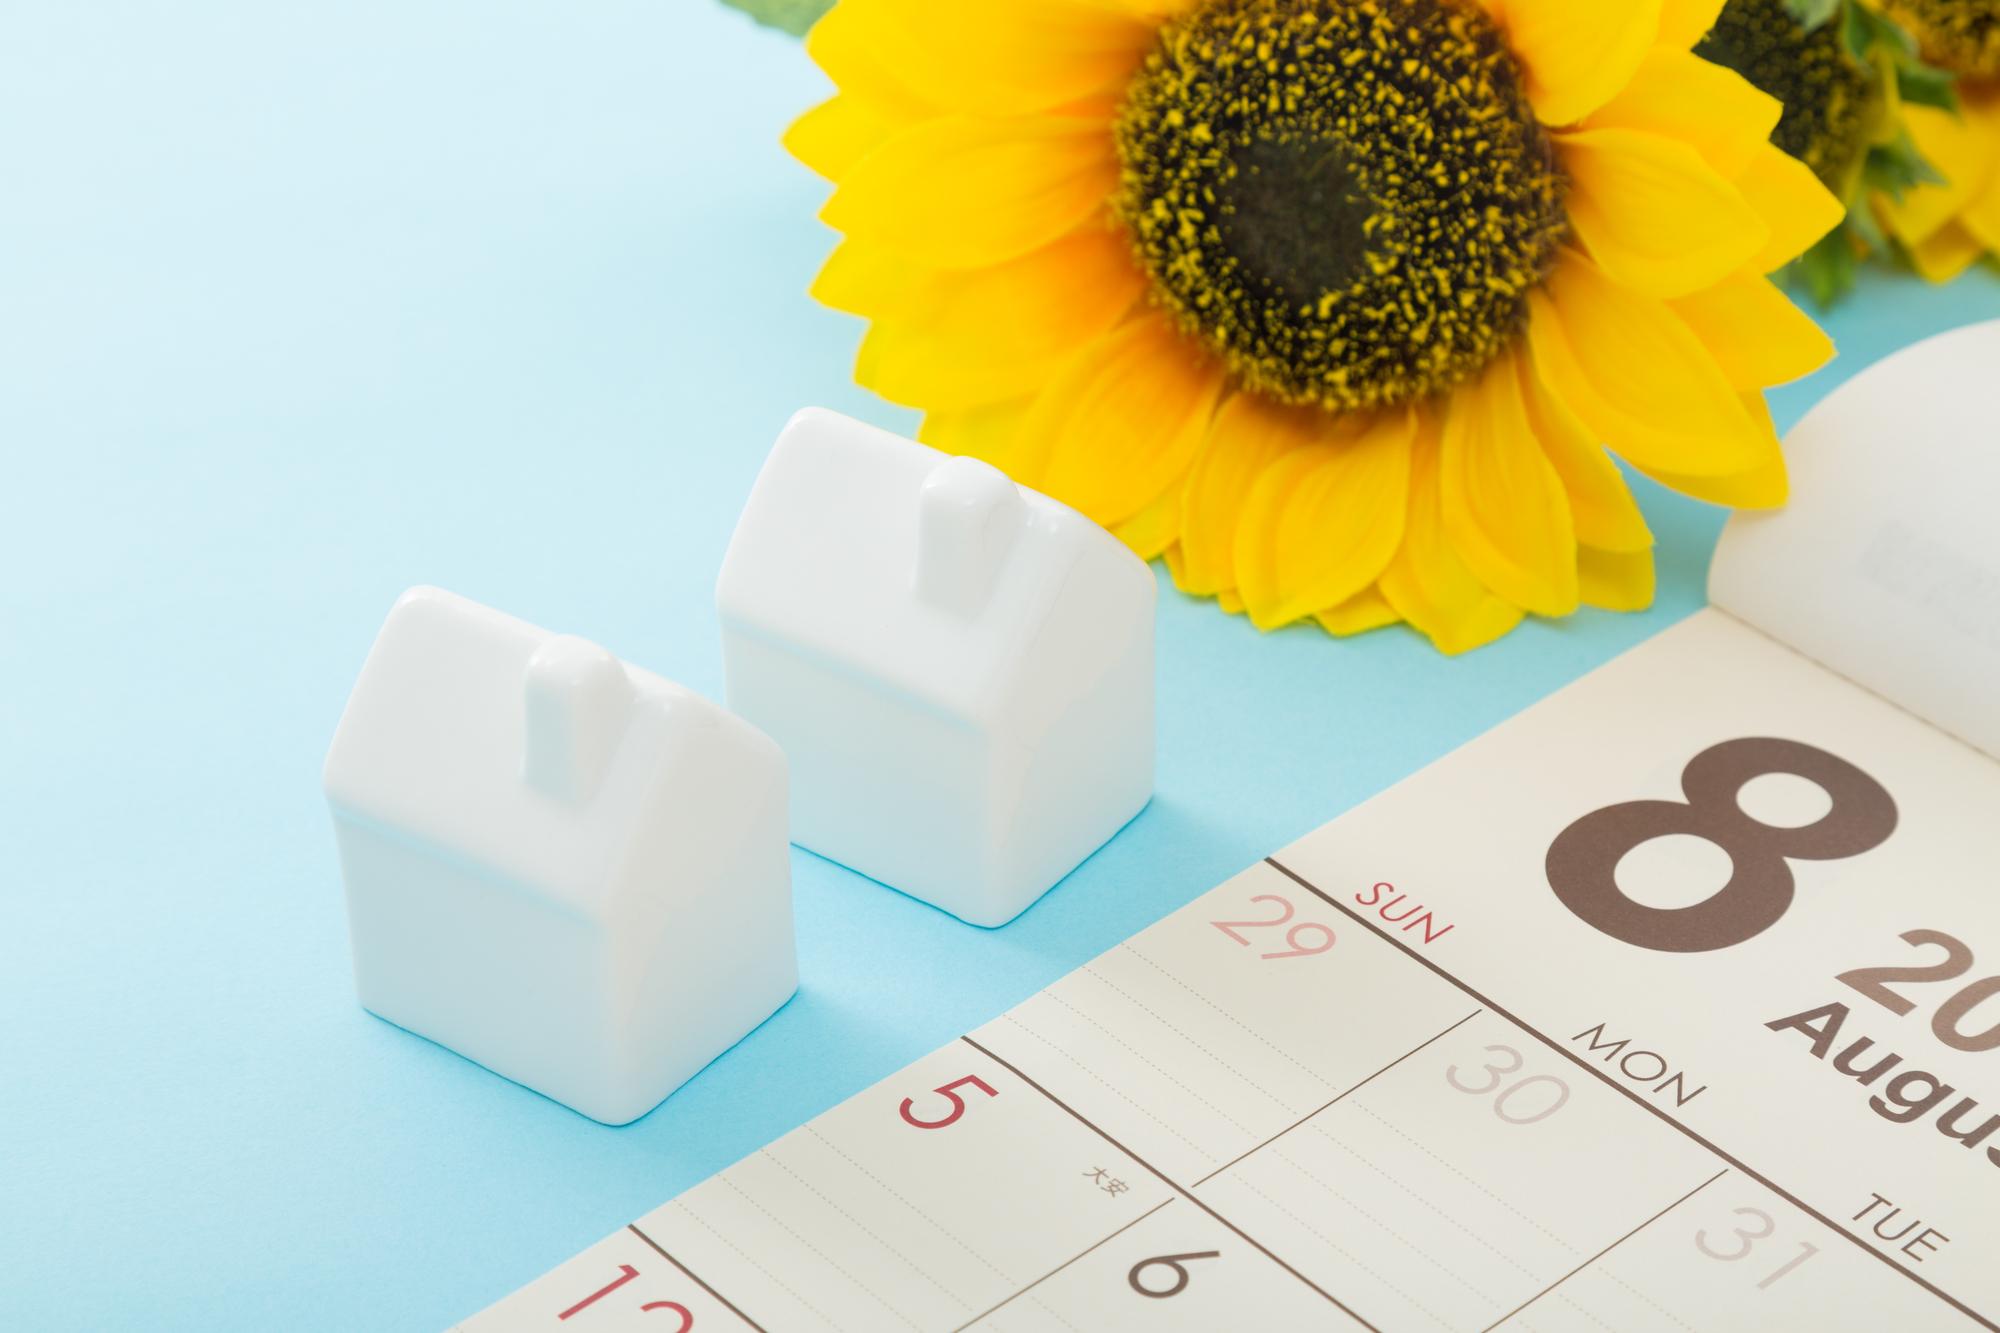 8月カレンダーのイメージ